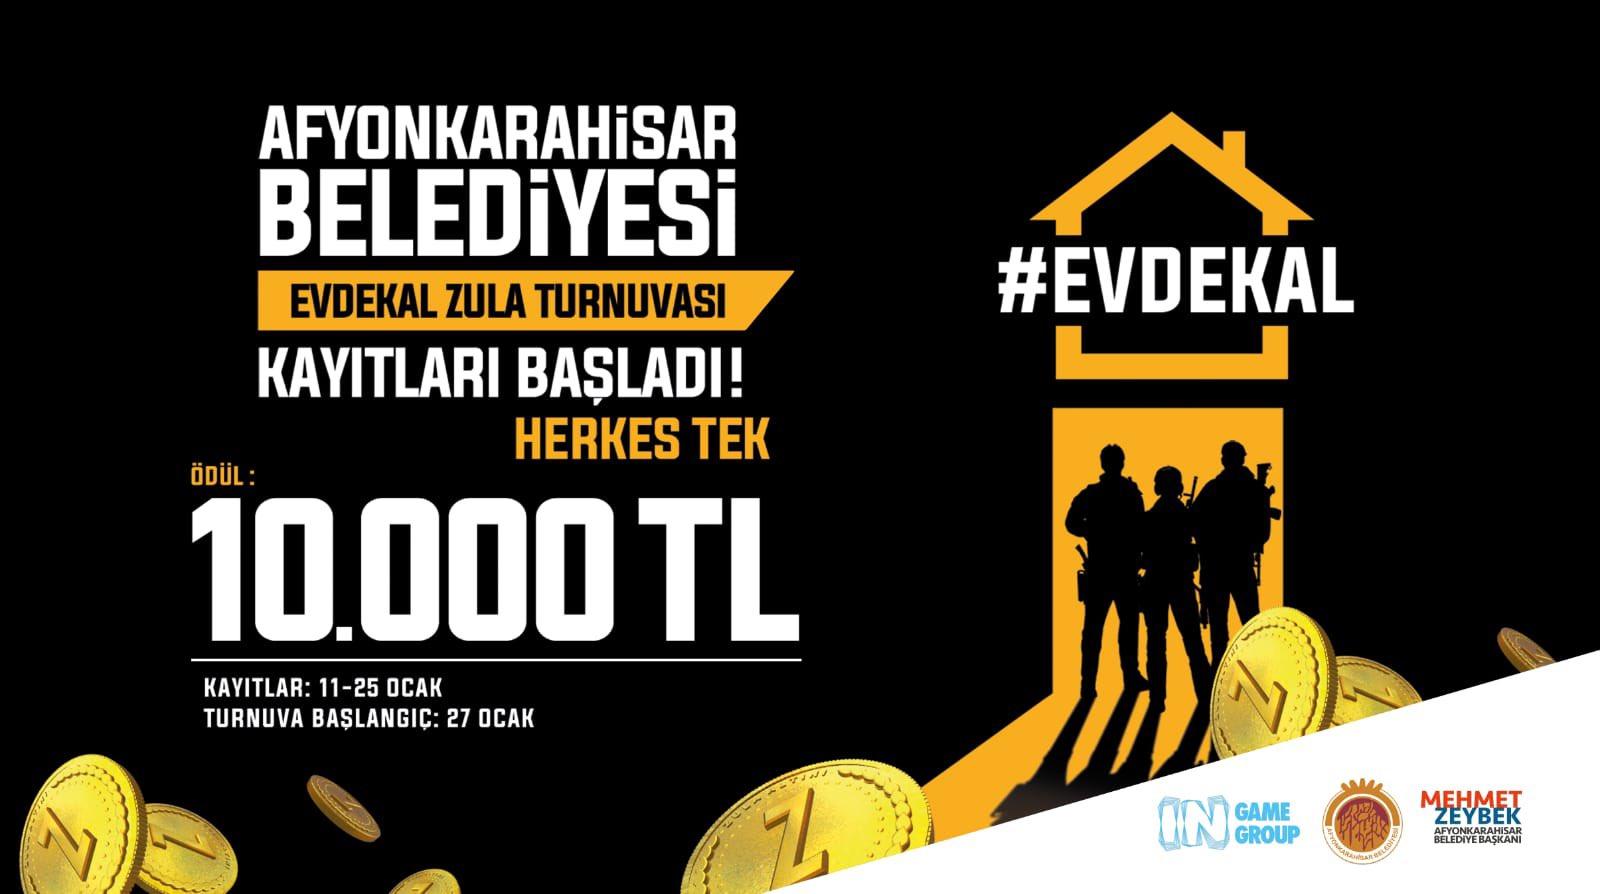 Afyonkarahisar Belediyesi'nden ödüllü yarışma